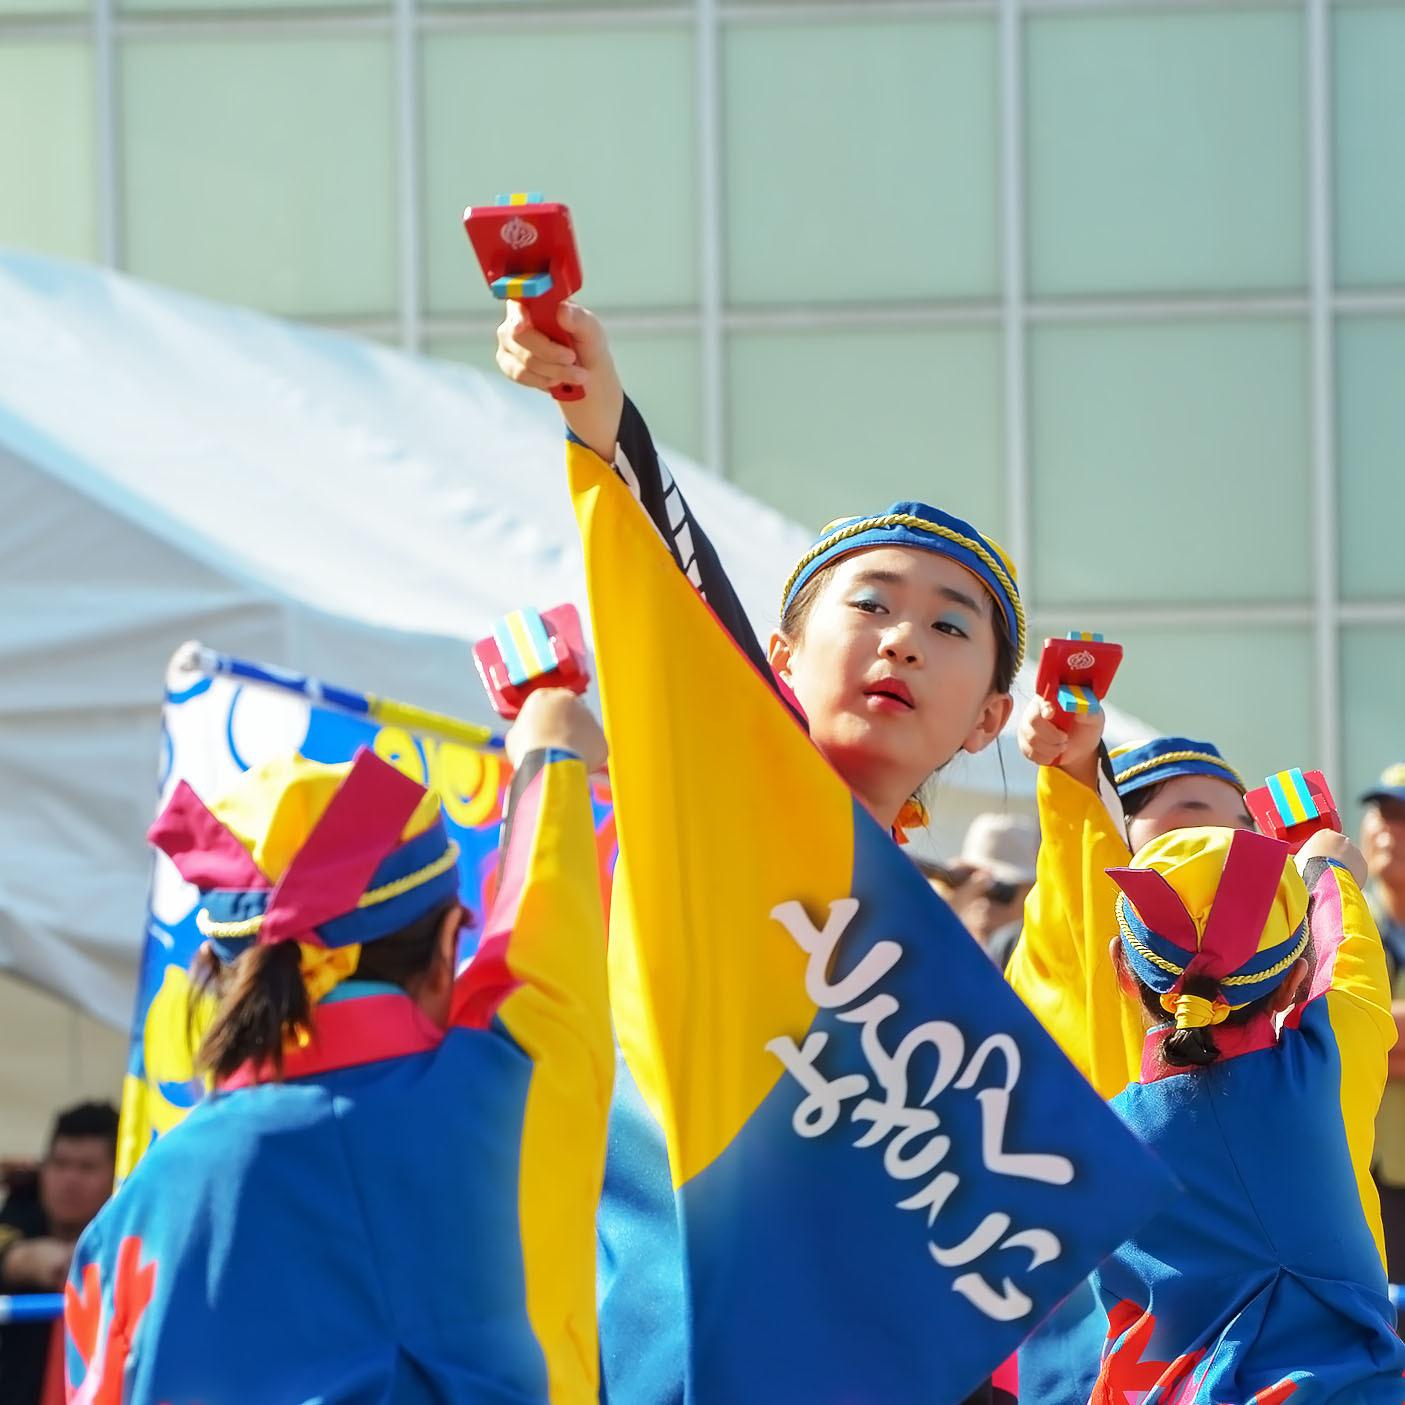 四国の祭り 2019 よさこいとらっく (ちふれ)_d0246136_23070149.jpg